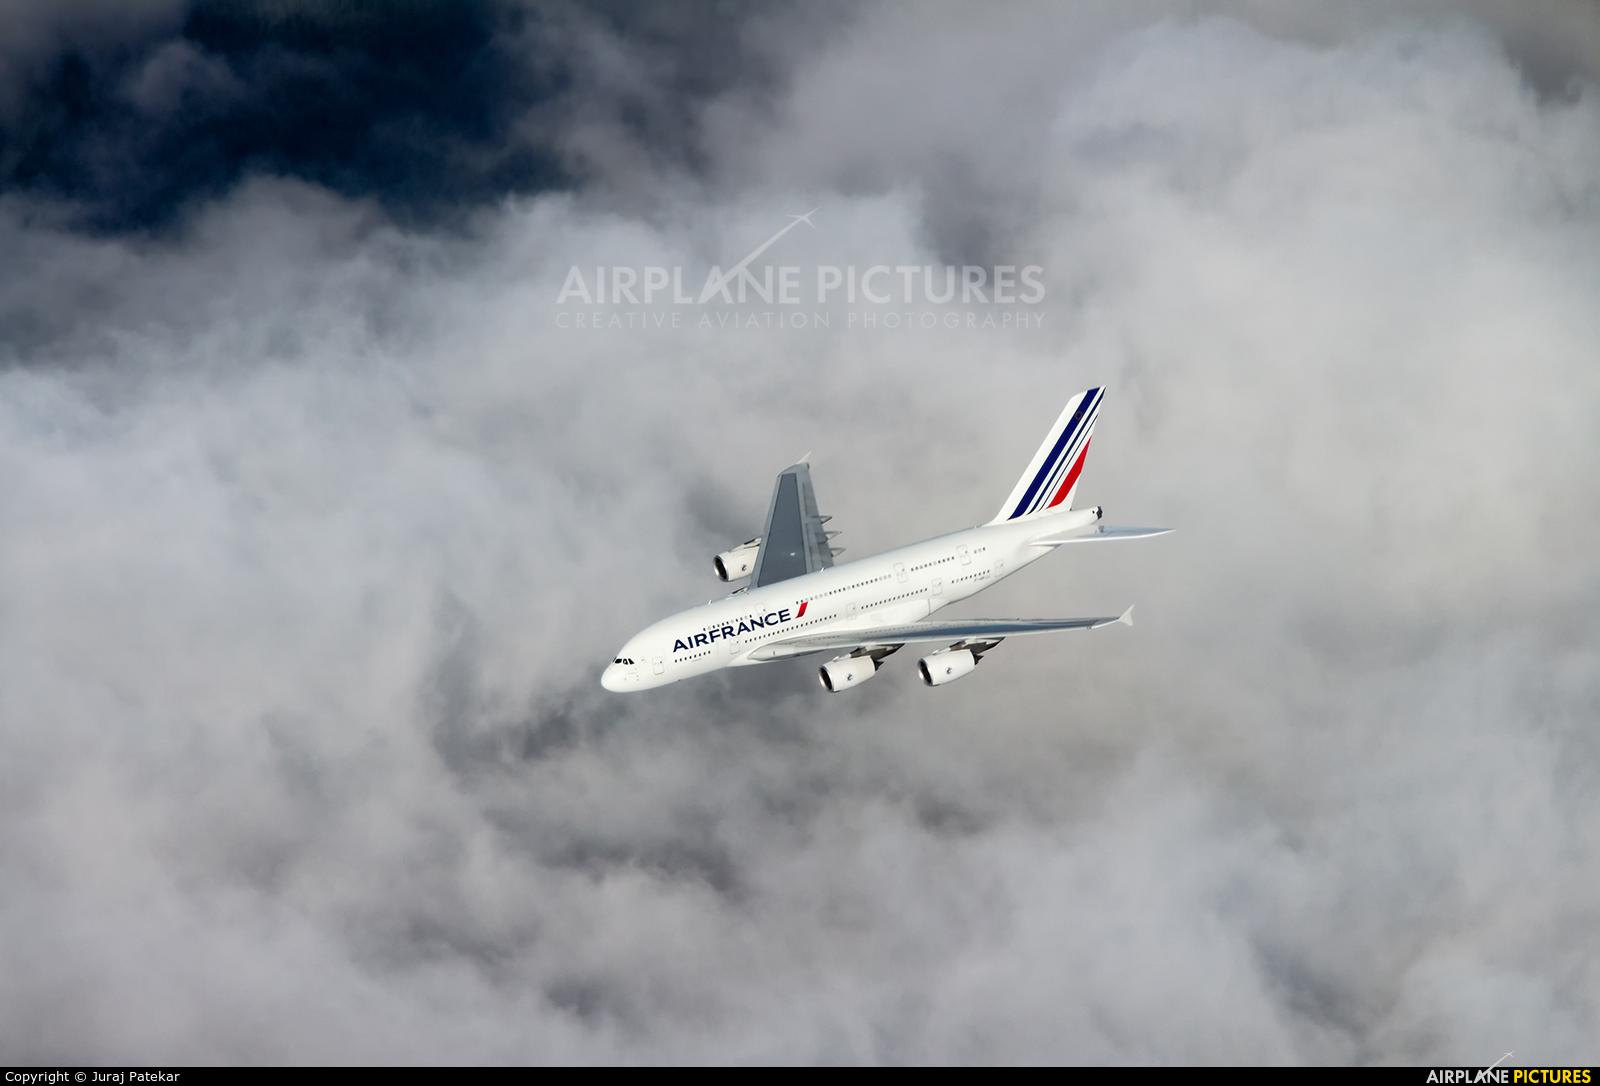 Air France F-HPJJ aircraft at In Flight - France